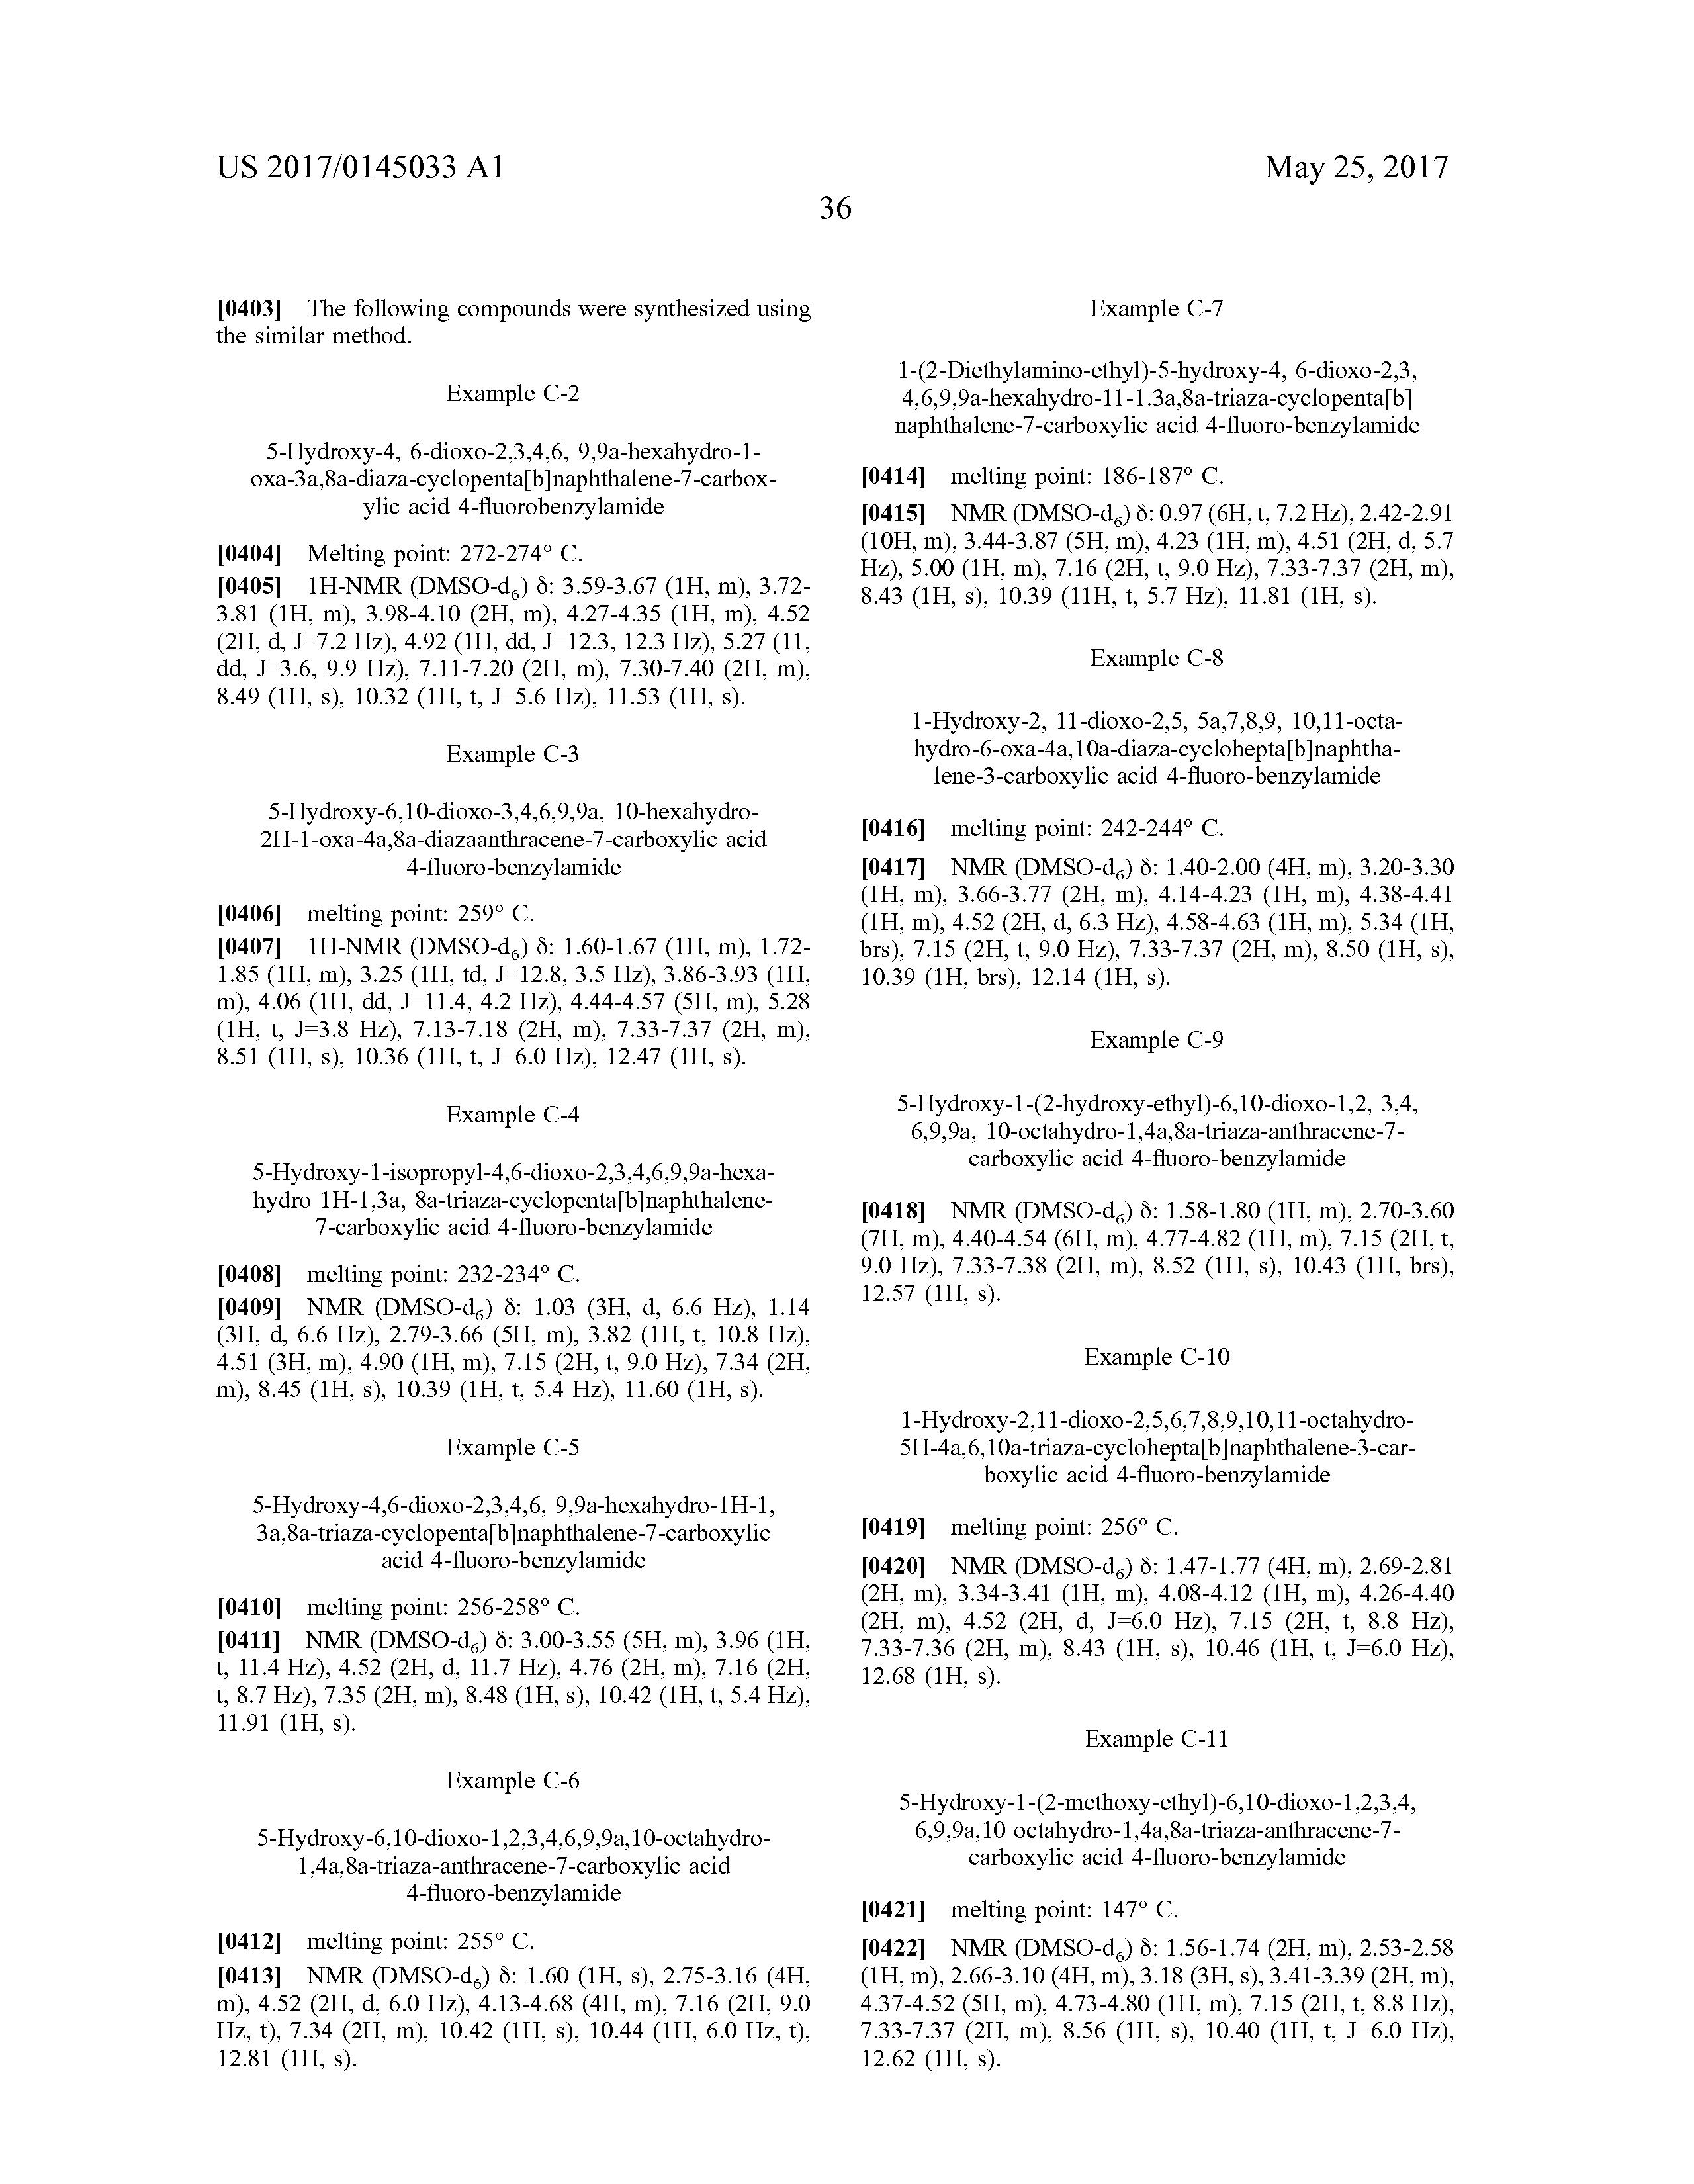 US 2016/0137666 A1 - Substituted Cyclopenta[4,5]Oxazolo[3,2